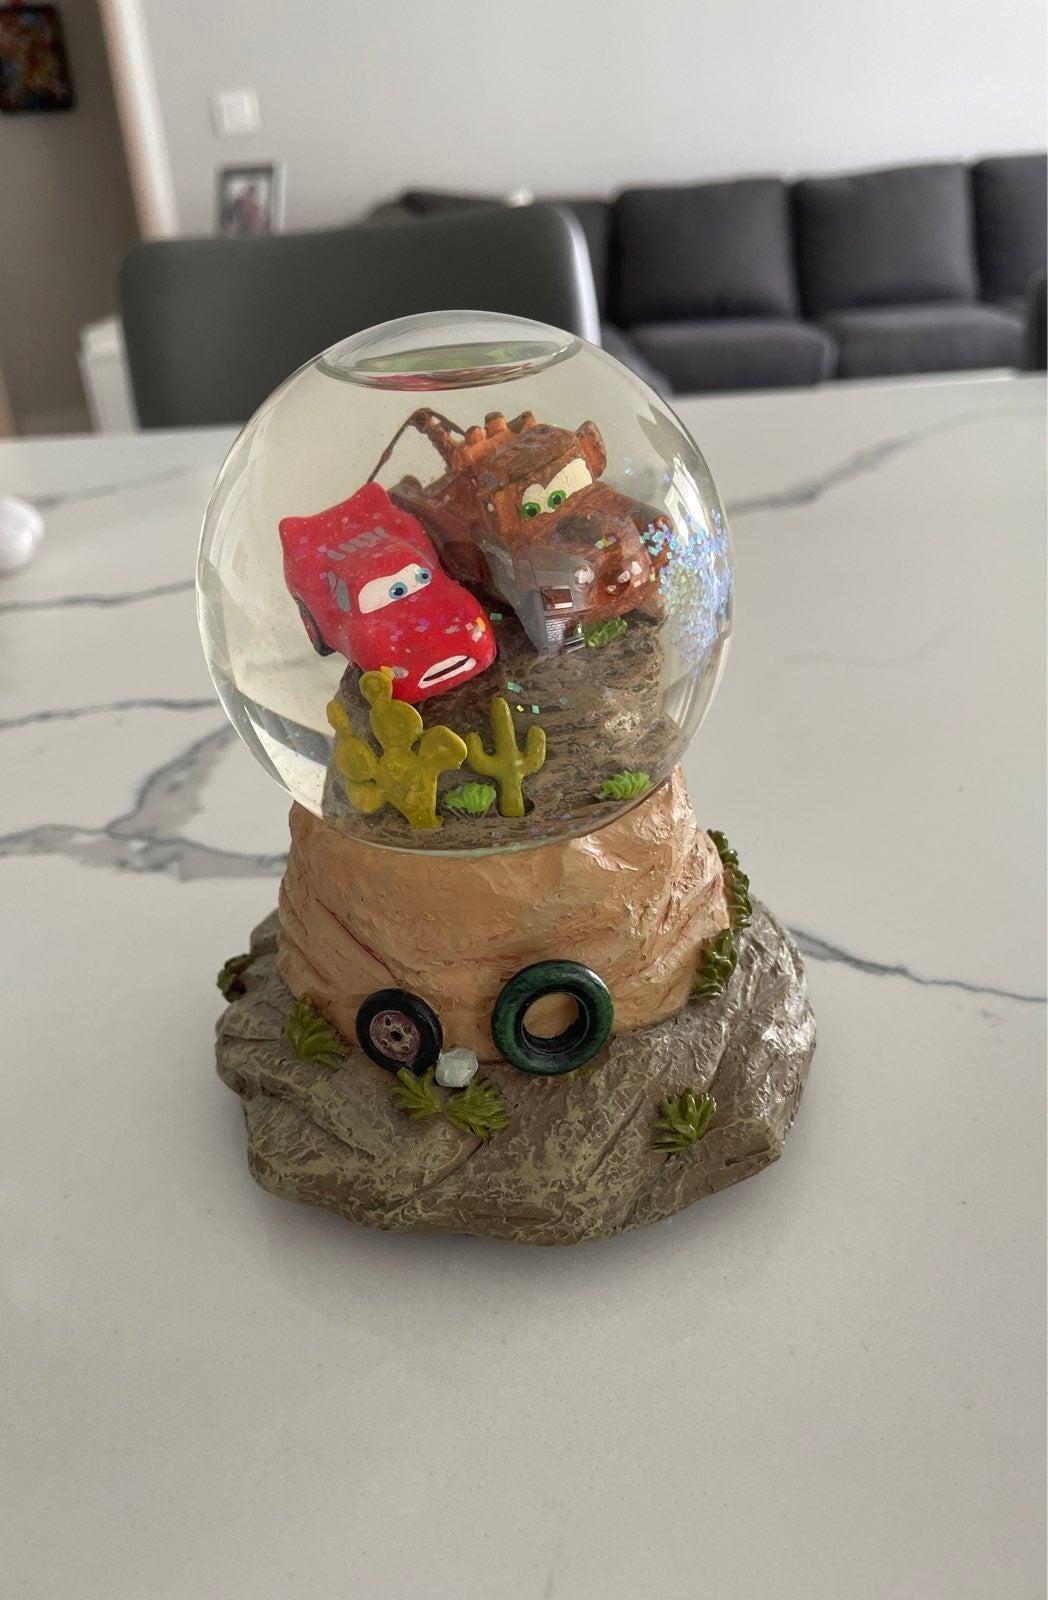 Htf Disney Pixar Cars snow globe